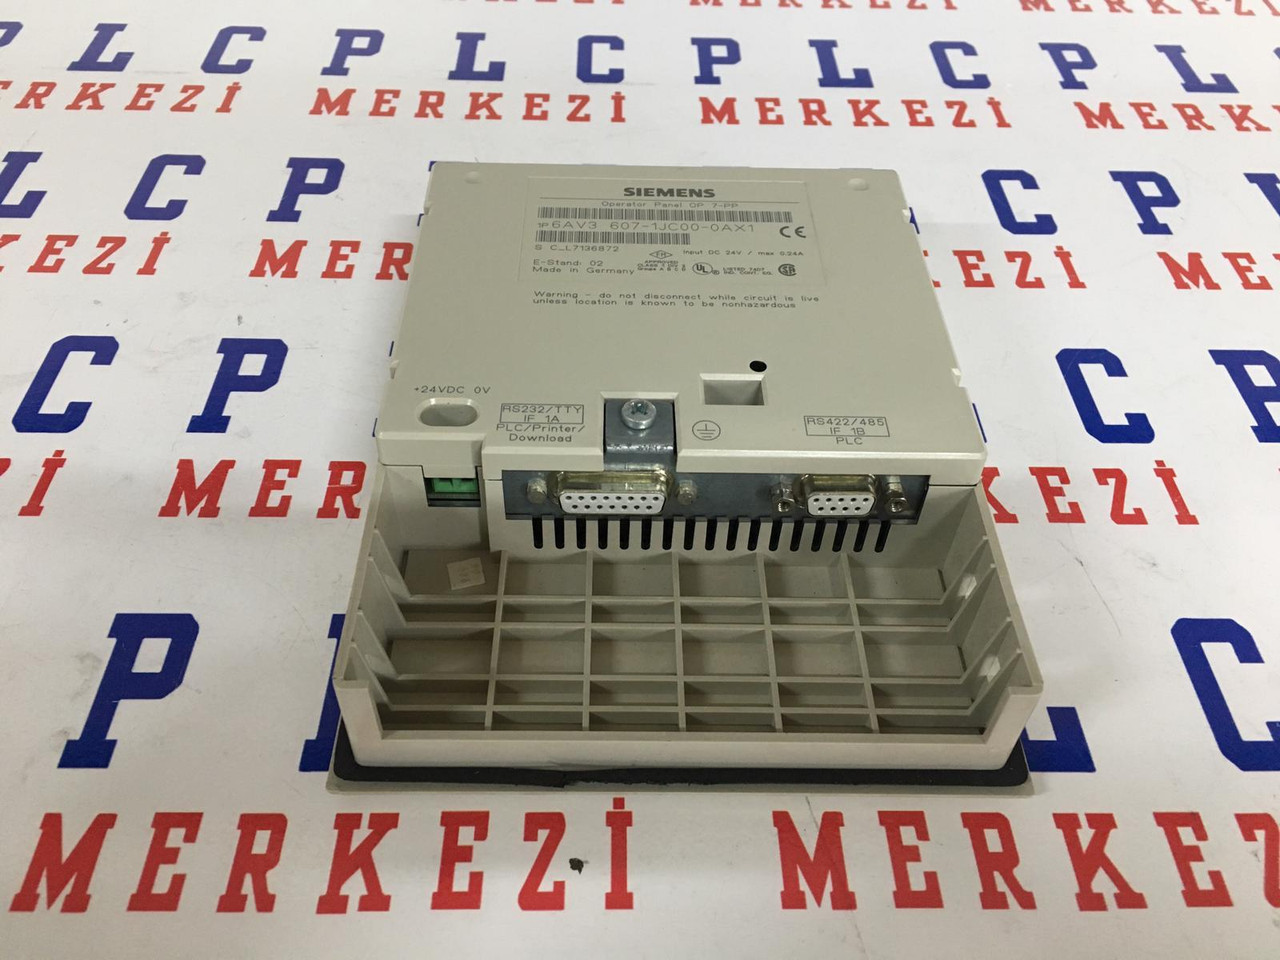 6AV3 607-1JC00-0AX1, 6AV3607-1JC00-0AX1 Siemens OP7 UK